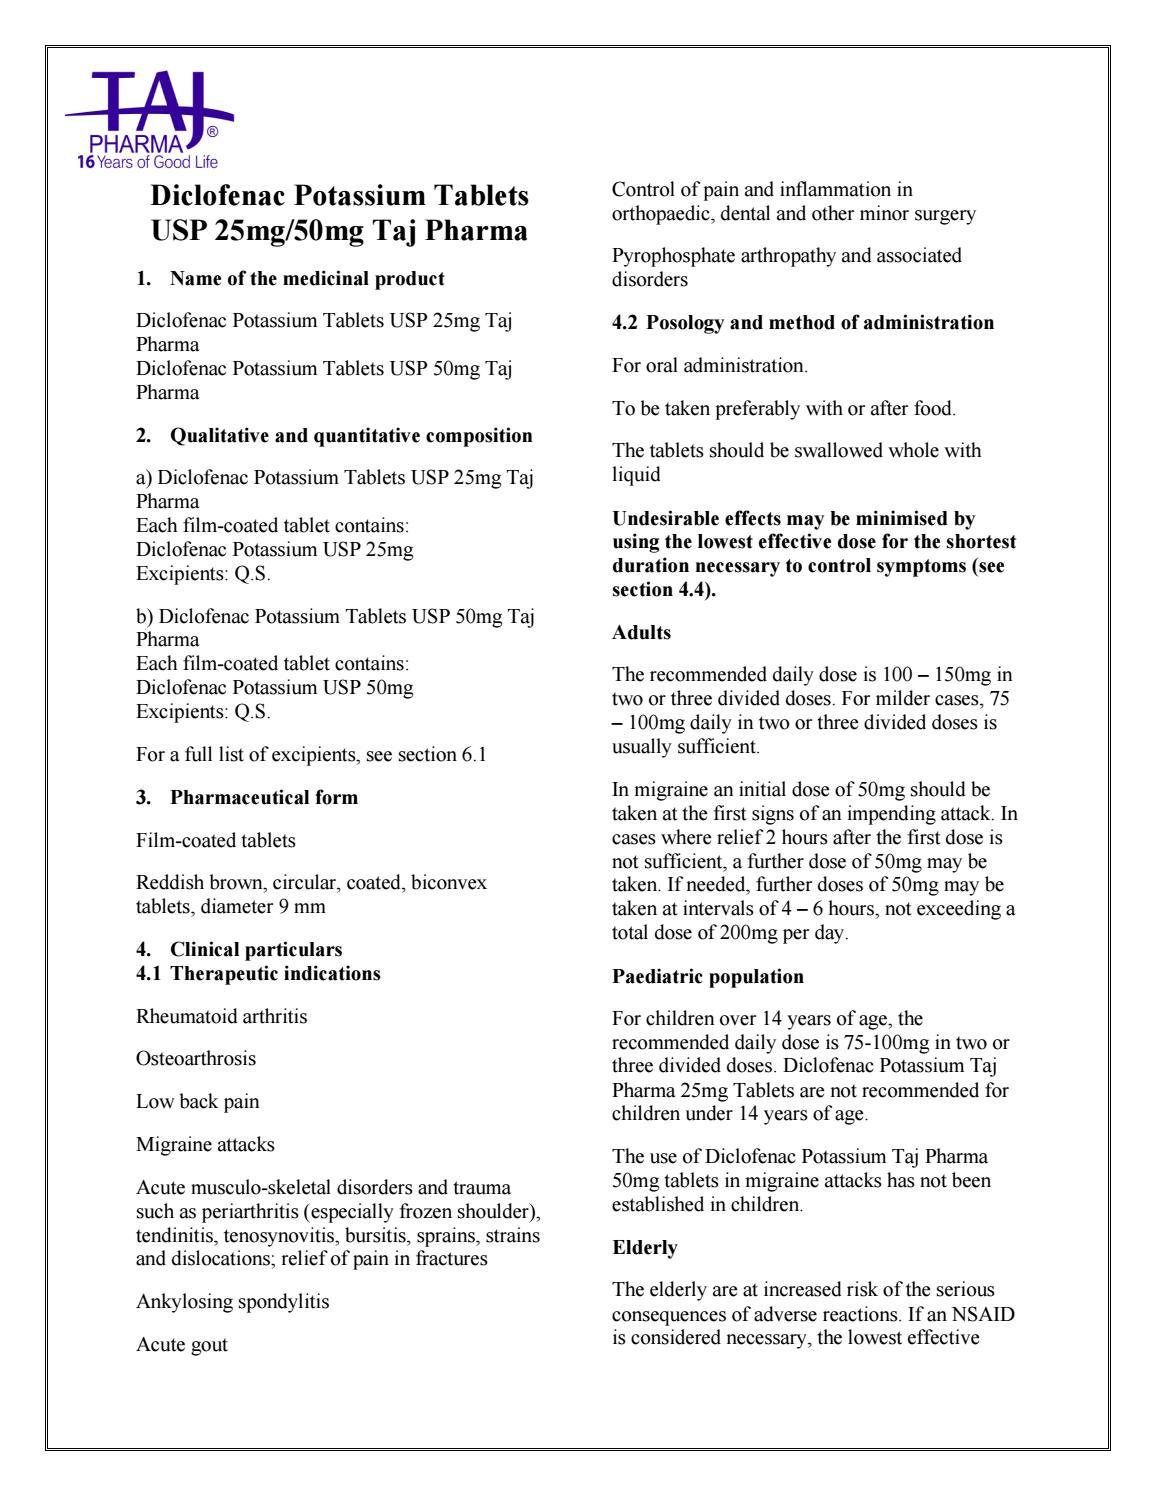 Diclofenac Potassium Tablets Usp Taj Pharma Smpc By Qc Taj Pharma Issuu